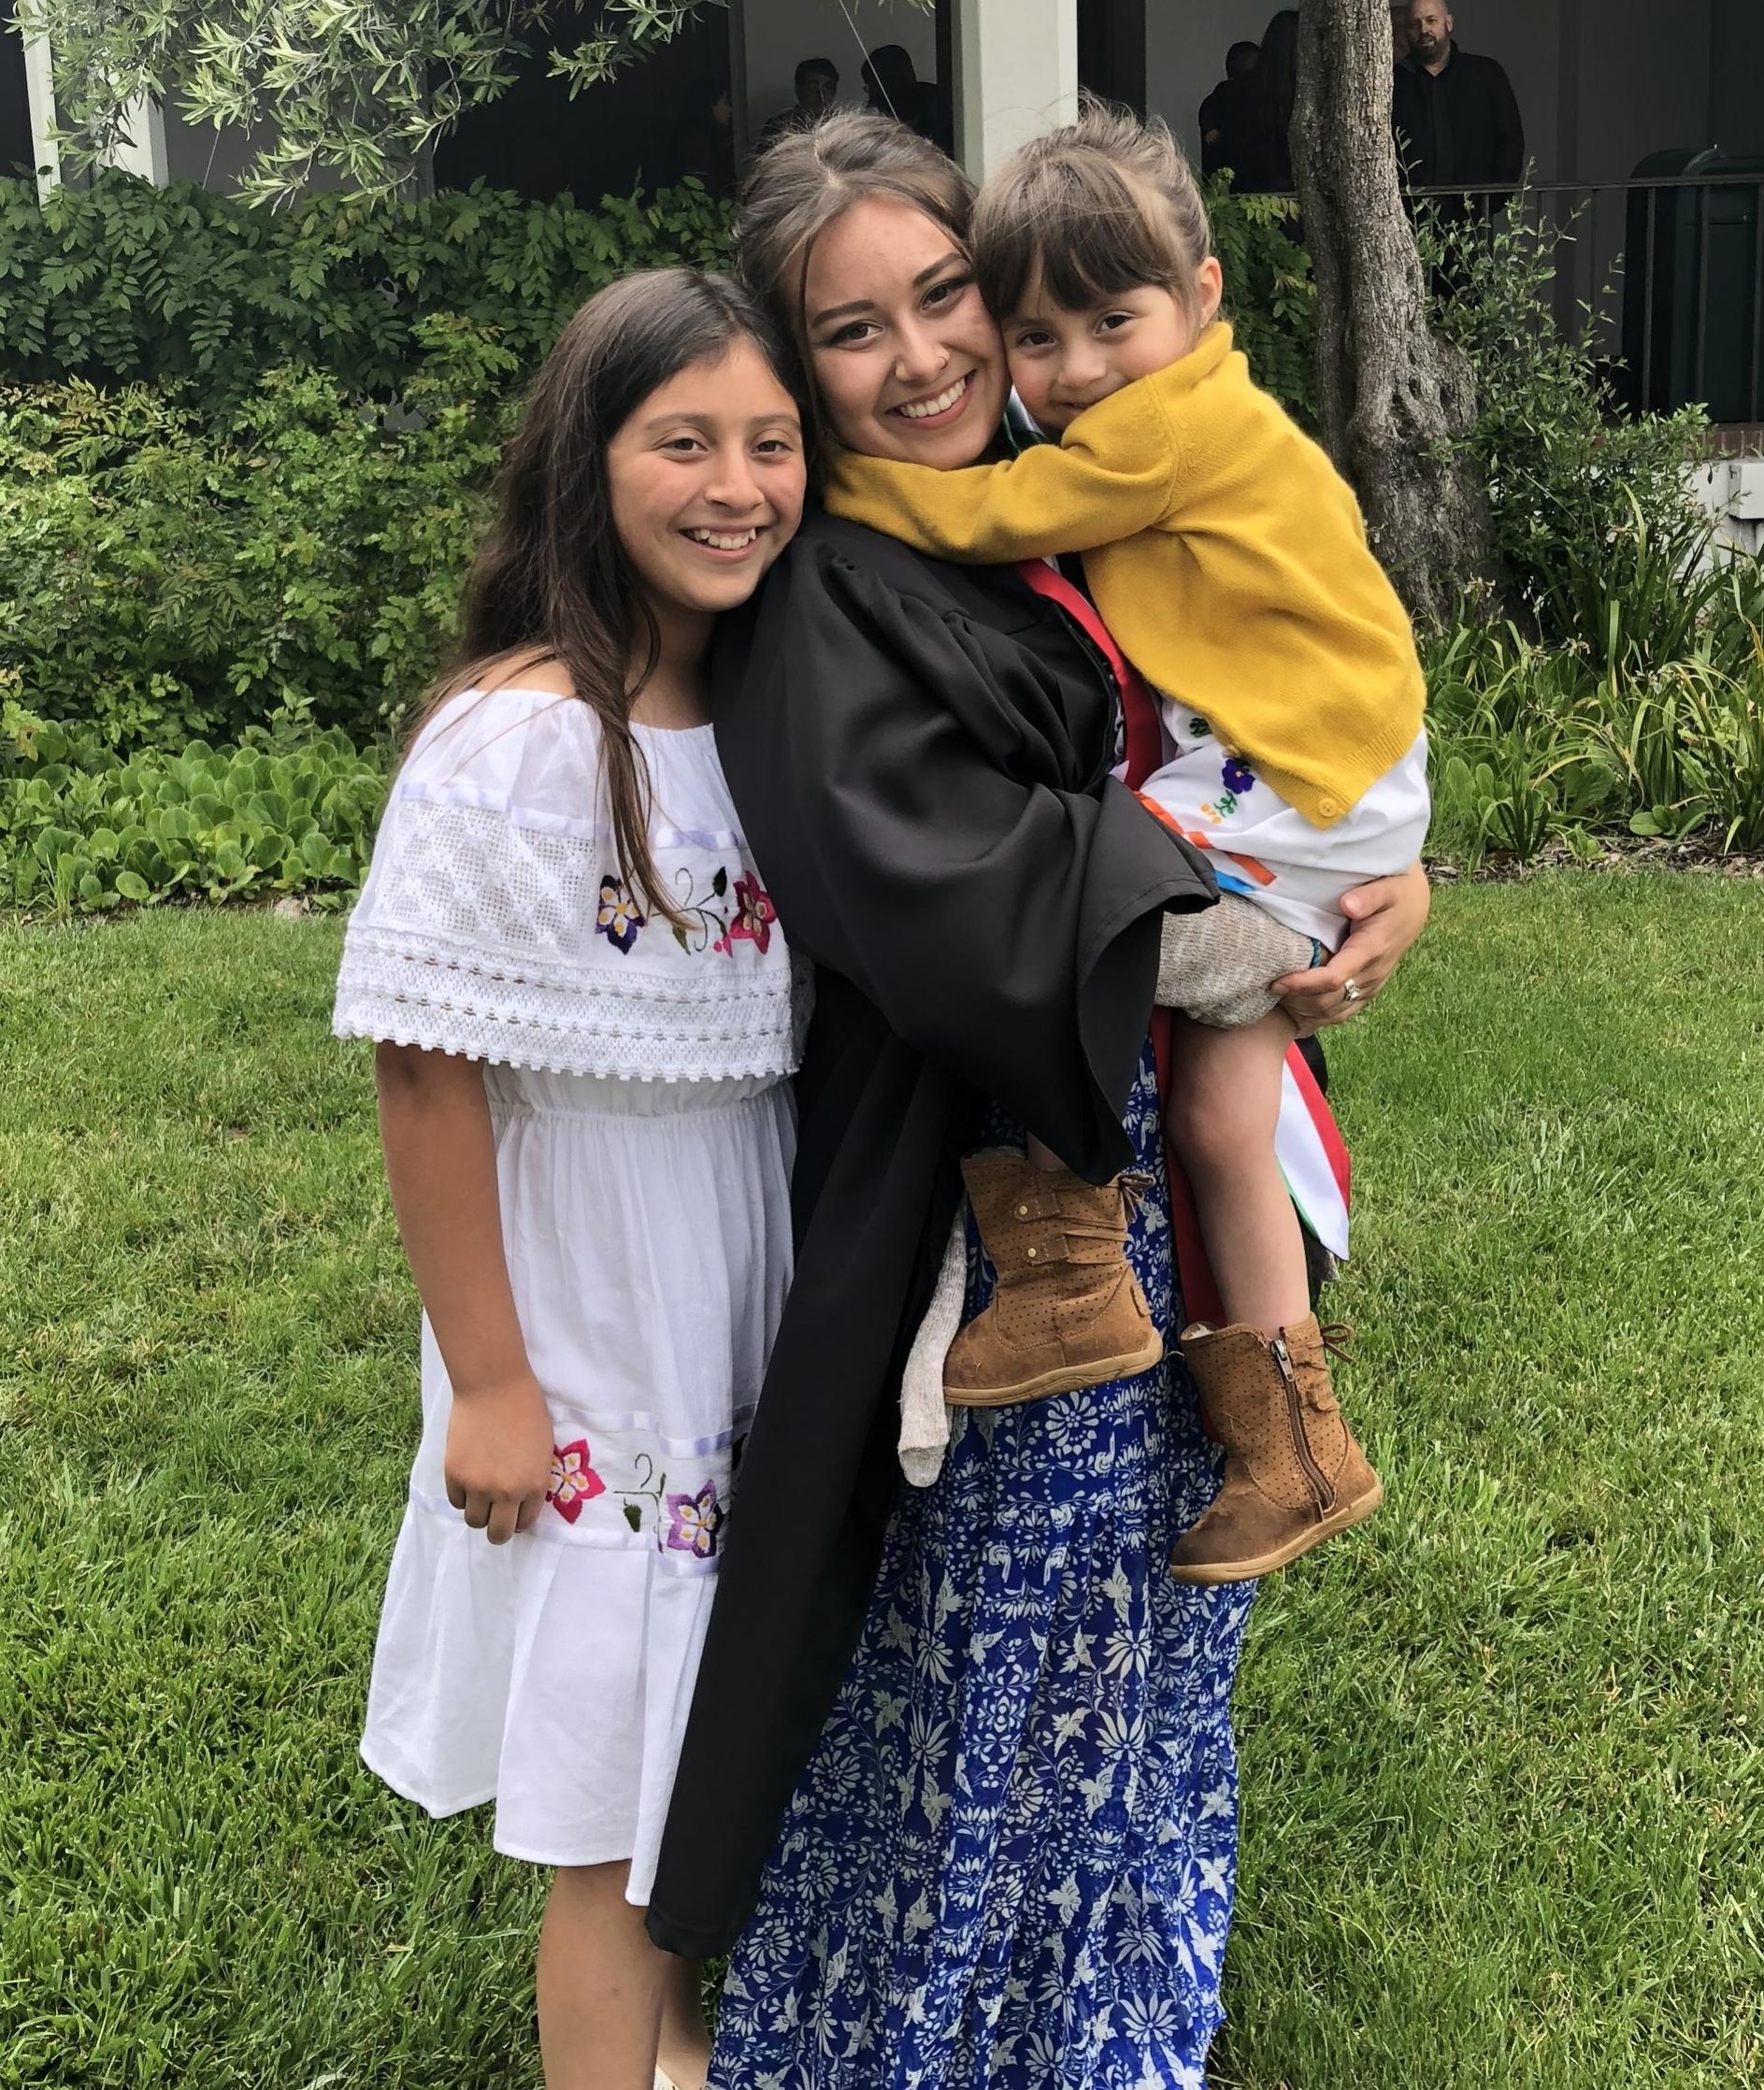 Kiara, middle, with her siblings.